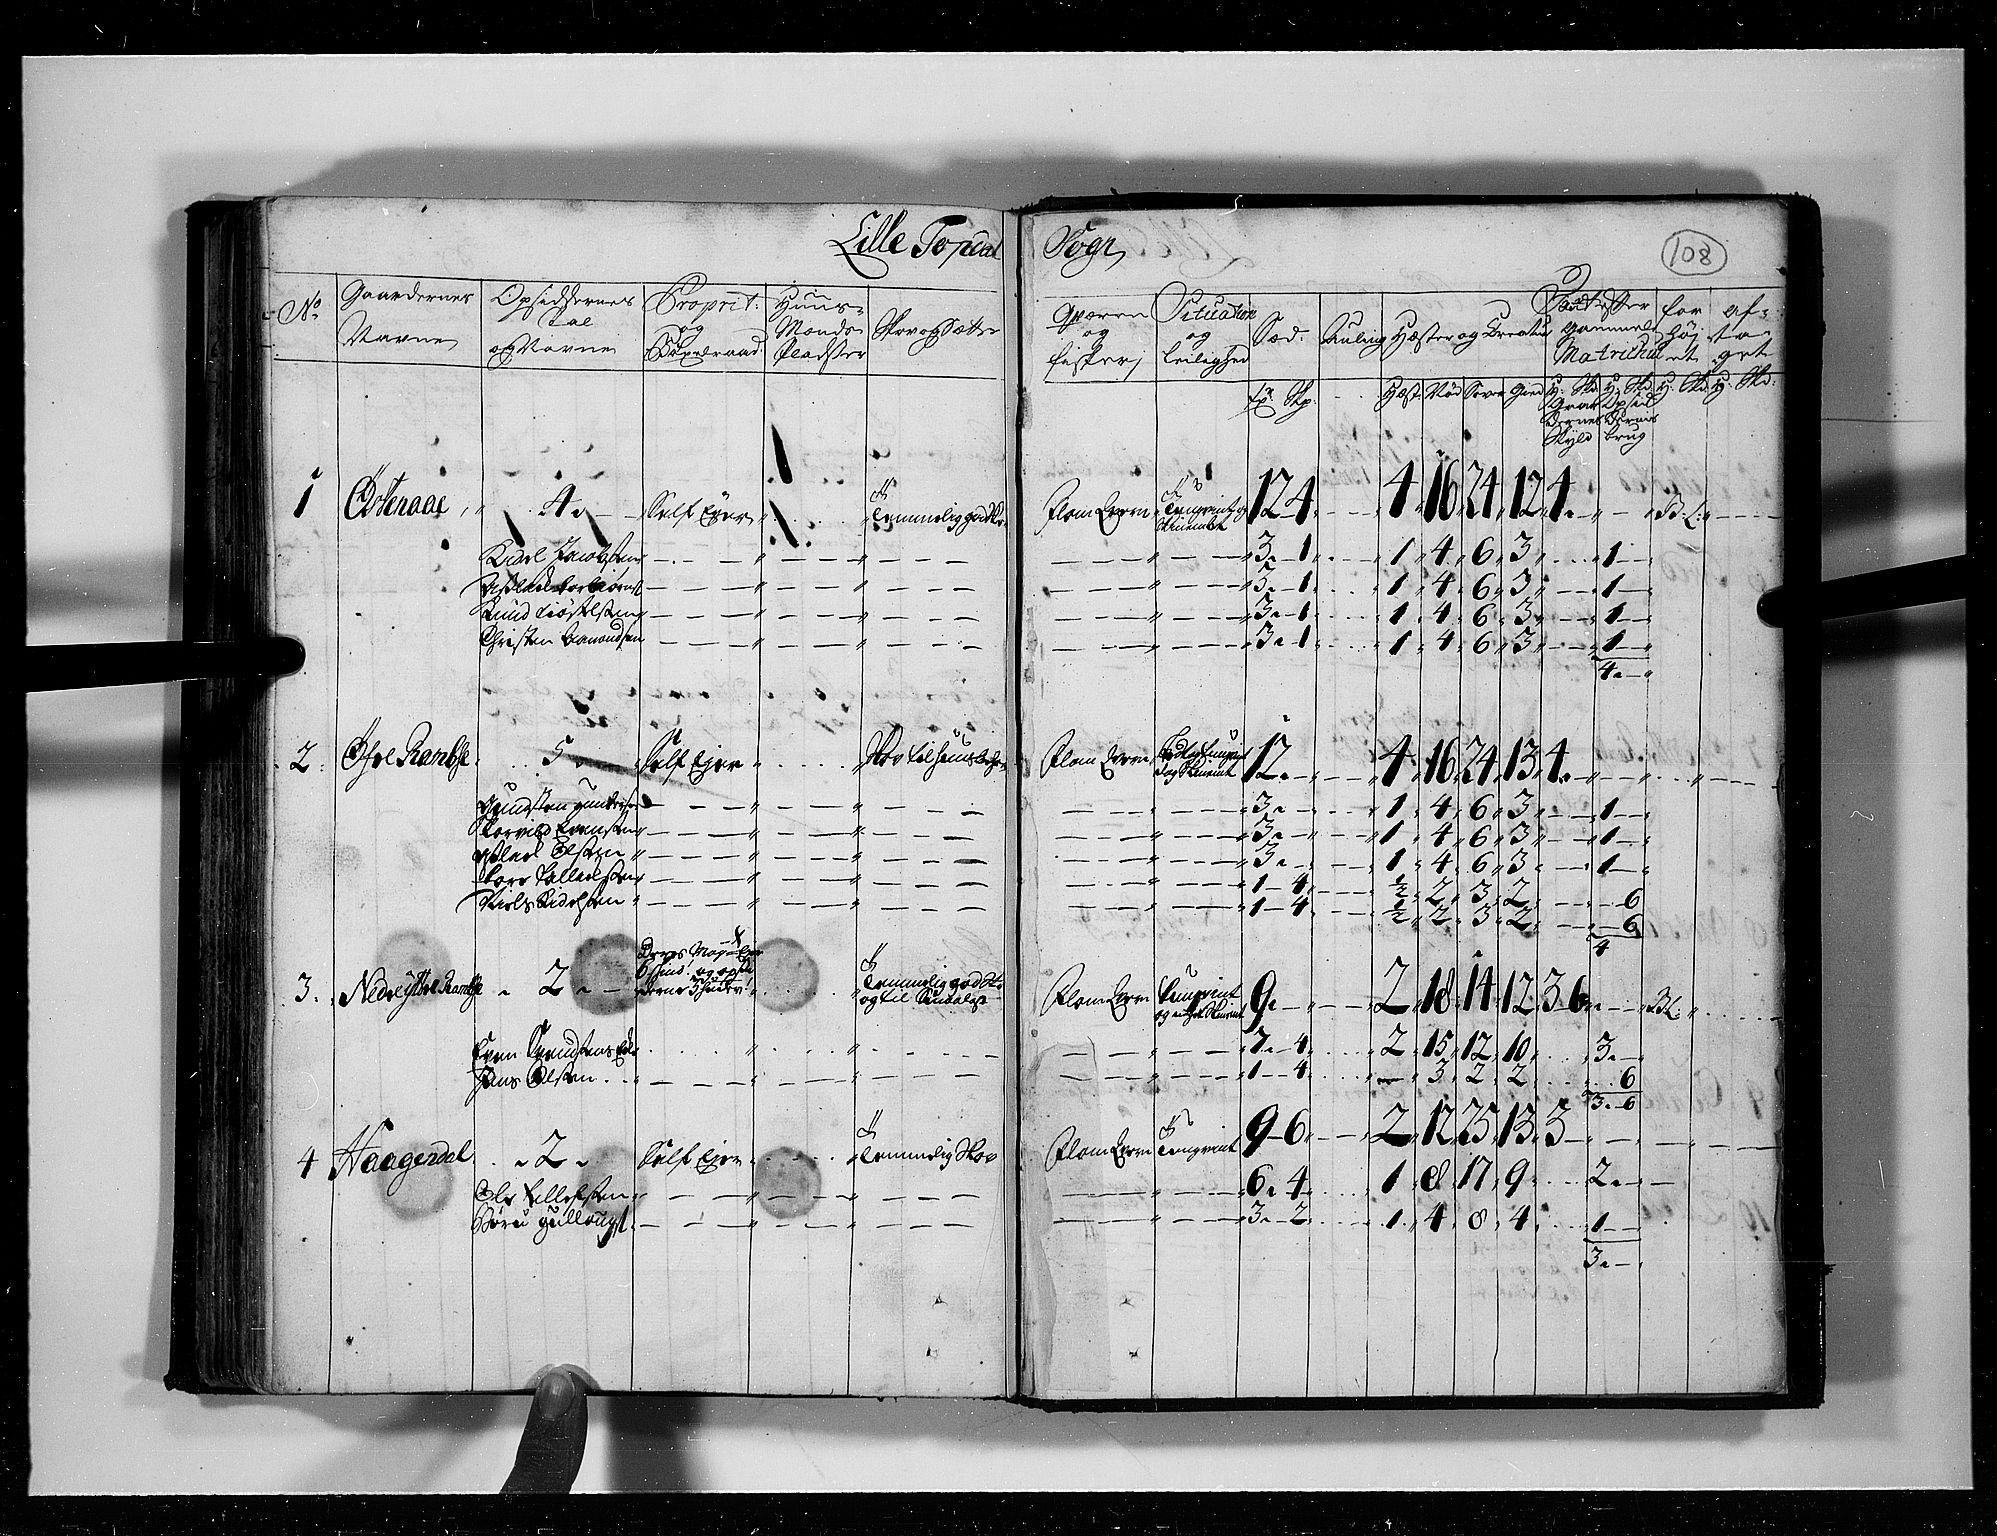 RA, Rentekammeret inntil 1814, Realistisk ordnet avdeling, N/Nb/Nbf/L0125: Råbyggelag eksaminasjonsprotokoll, 1723, s. 107b-108a